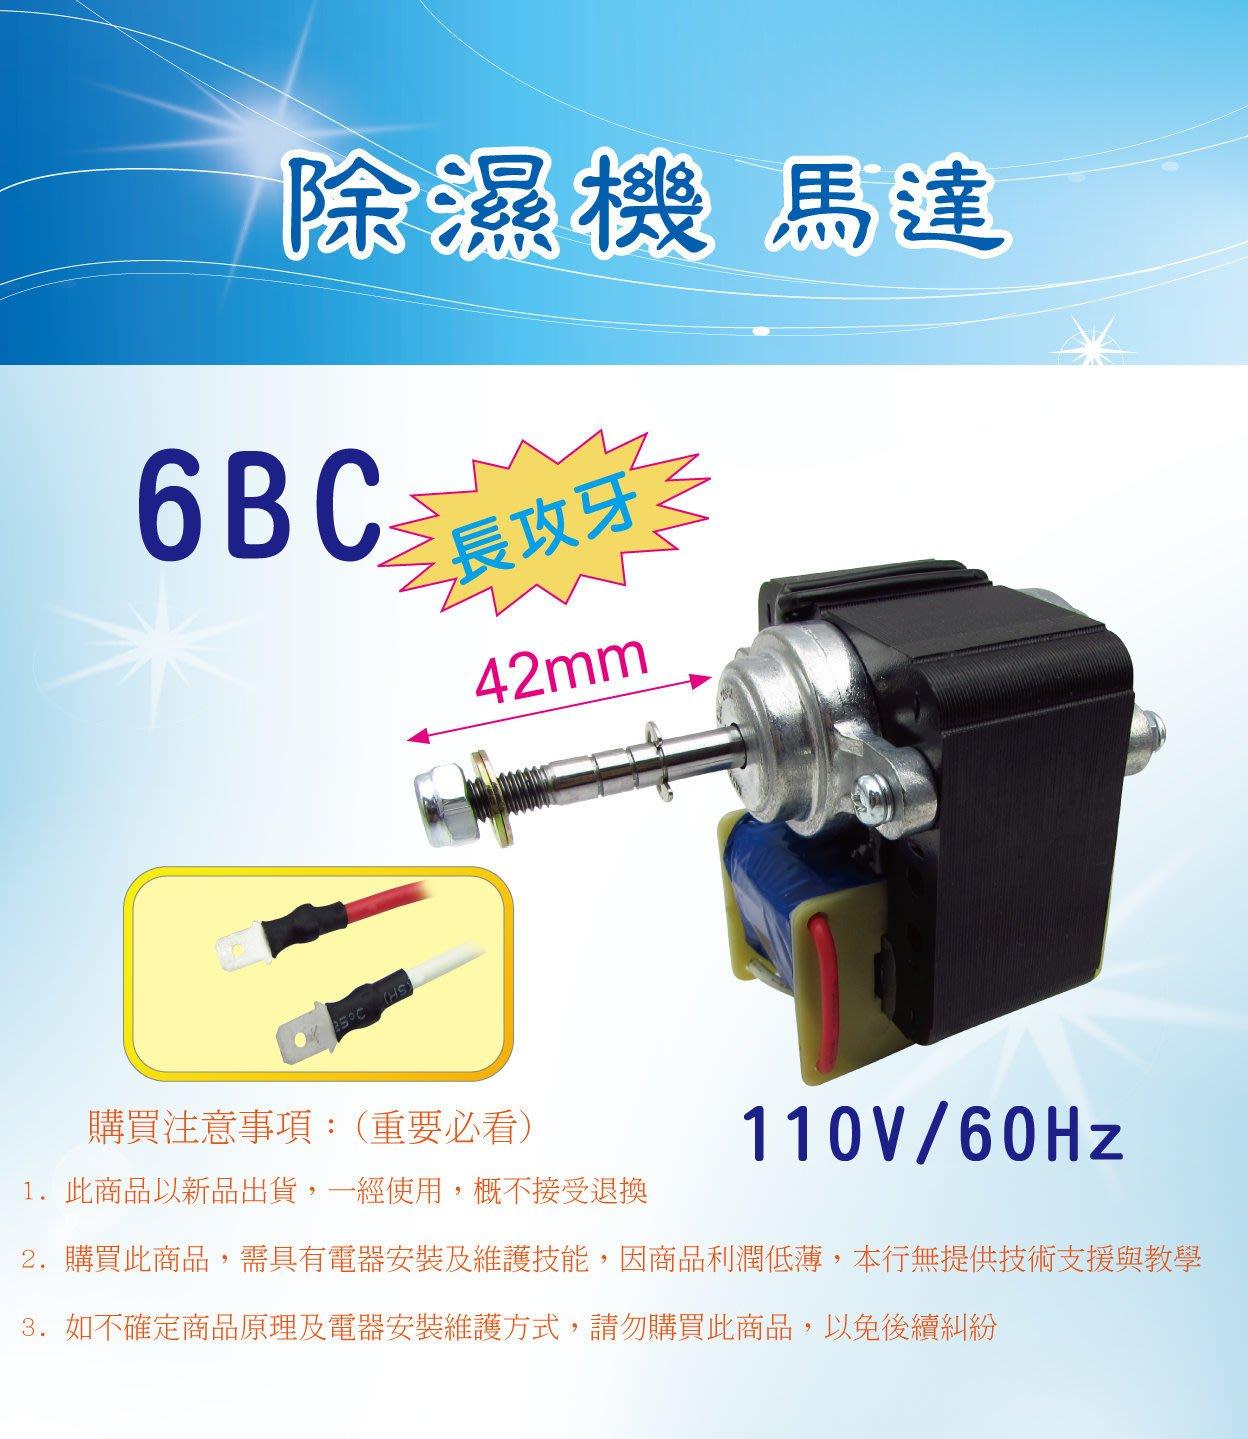 除濕機馬達 6BC 長軸 軸心6mm 軸長42mm 歌林,普騰,大同,惠而浦,SYNCO,雜牌